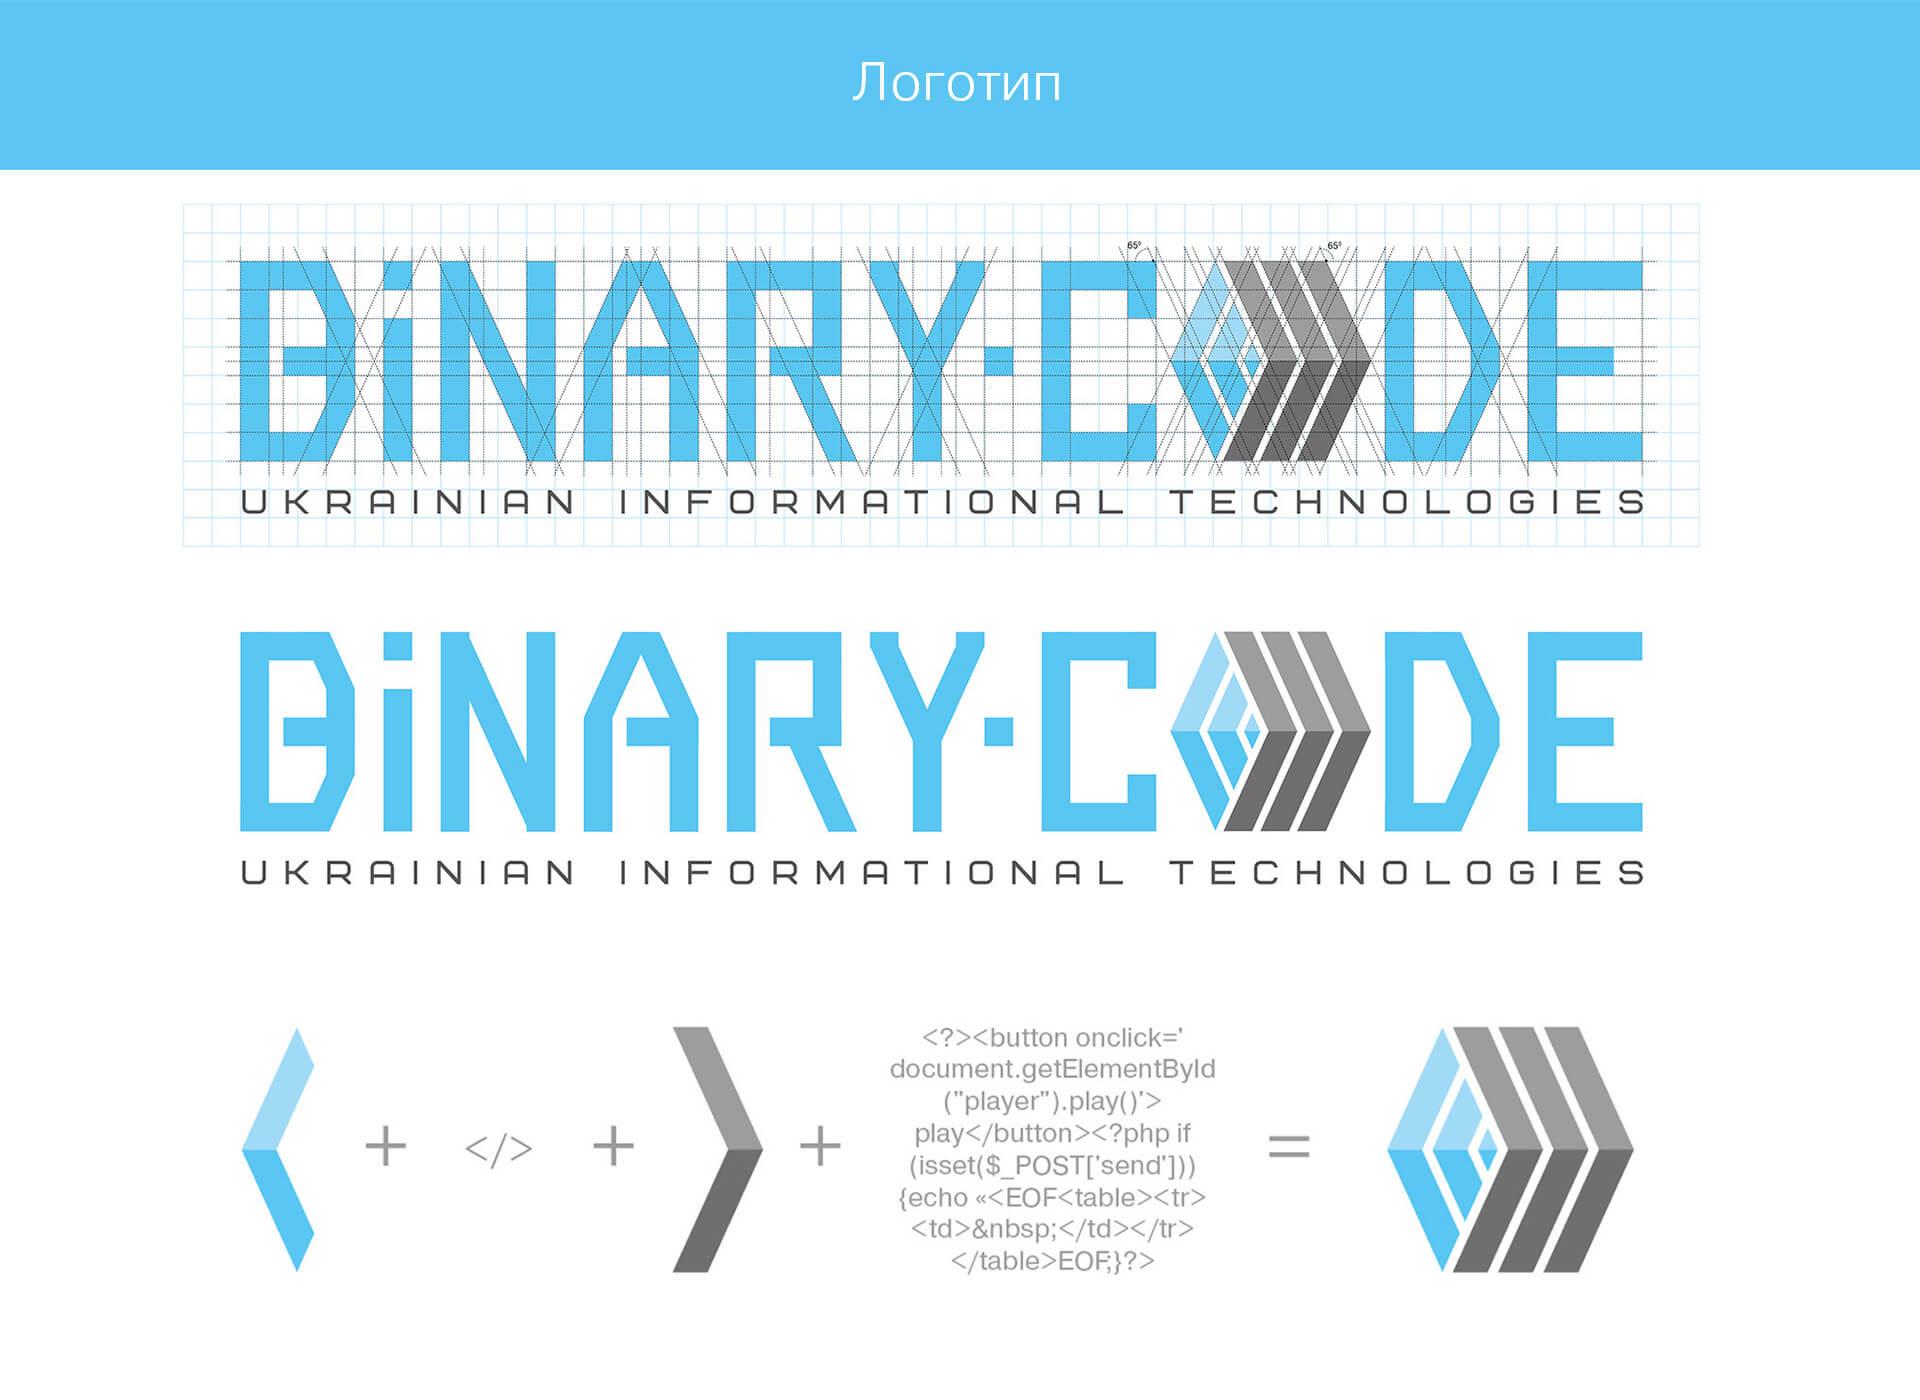 Разработка дизайна шрифта от Fantastic Imago брендиногове рекламное агентство